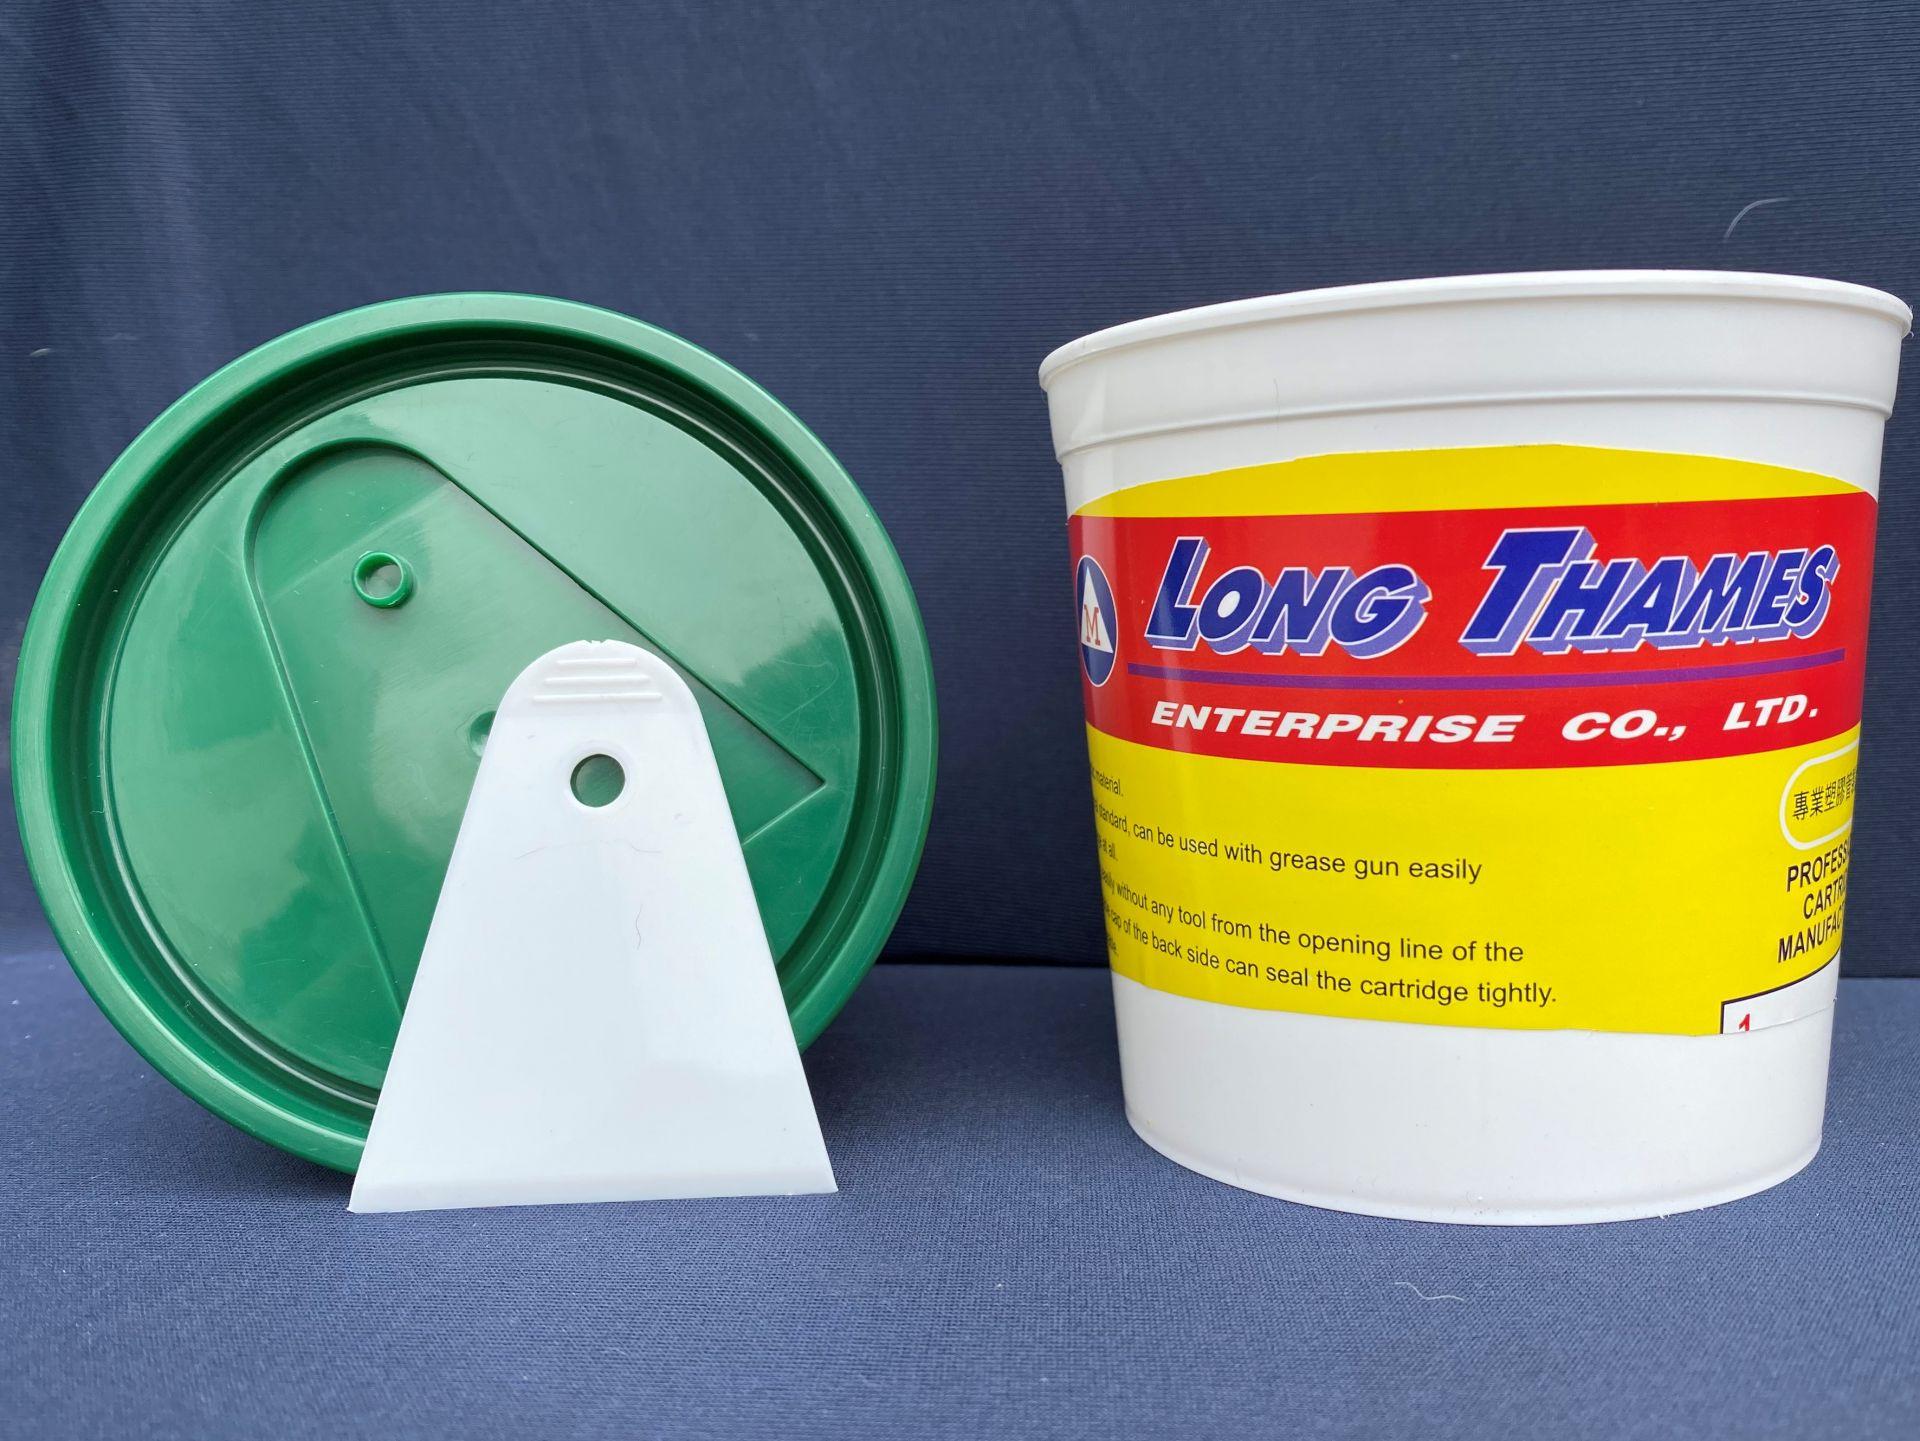 ปริมาตร: 600 มล. / 0.6 ลิตร, HDPE, ถังสีขาว, ฝาเขียว, กระป๋องสีขาว